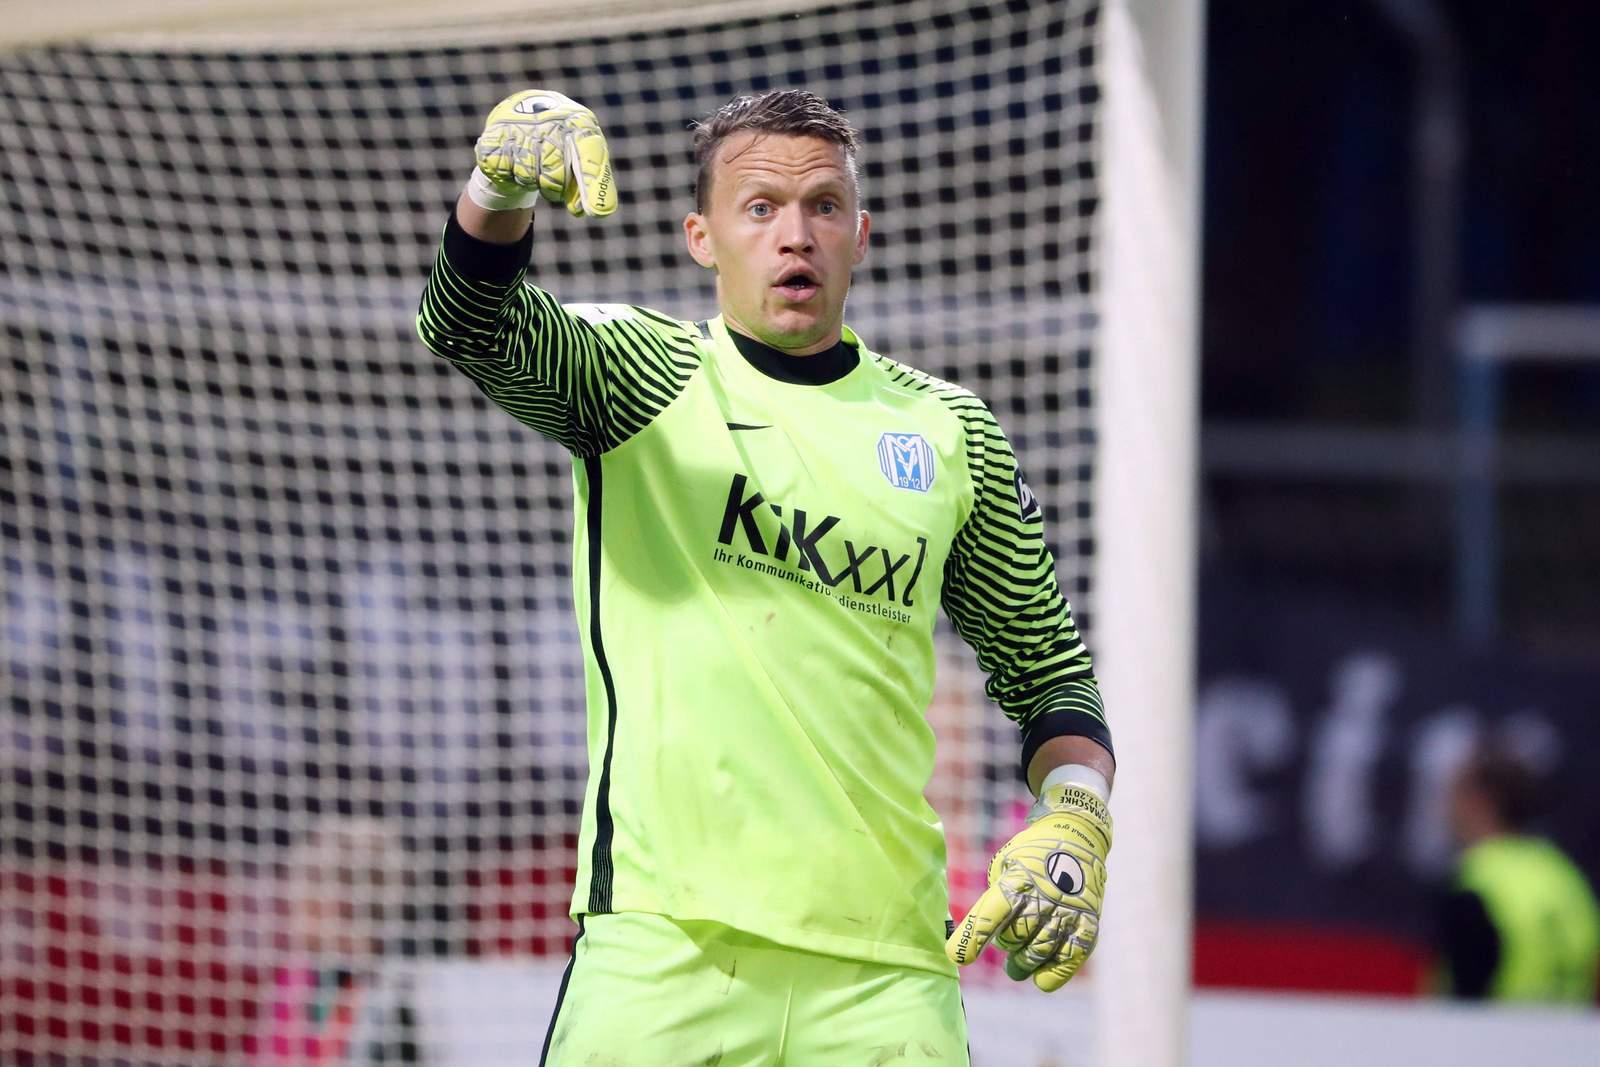 Erik Domaschke steht für den SV Meppen im Tor. Jetzt auf die Partie Erfurt gegen Meppen wetten